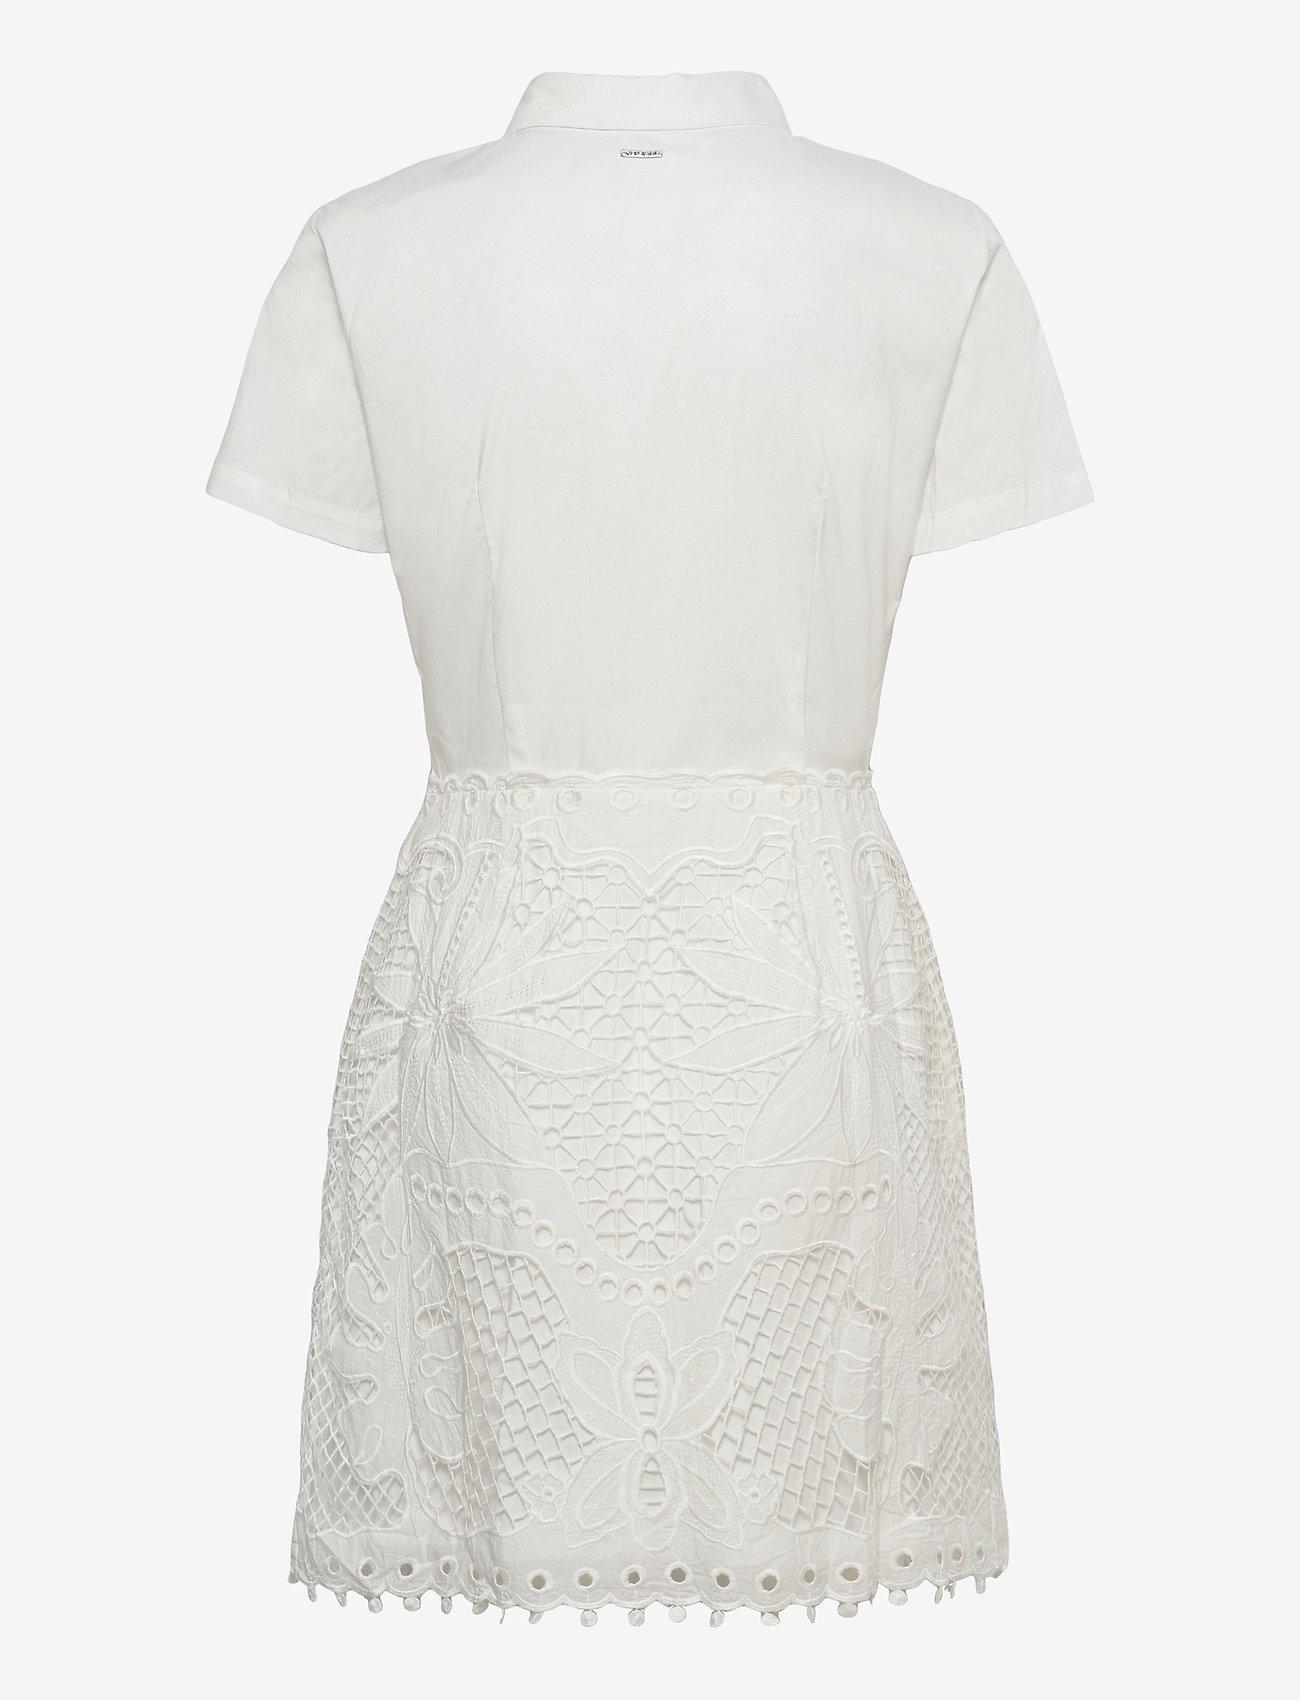 GUESS Jeans - RITA DRESS - sommarklänningar - true white a000 - 1